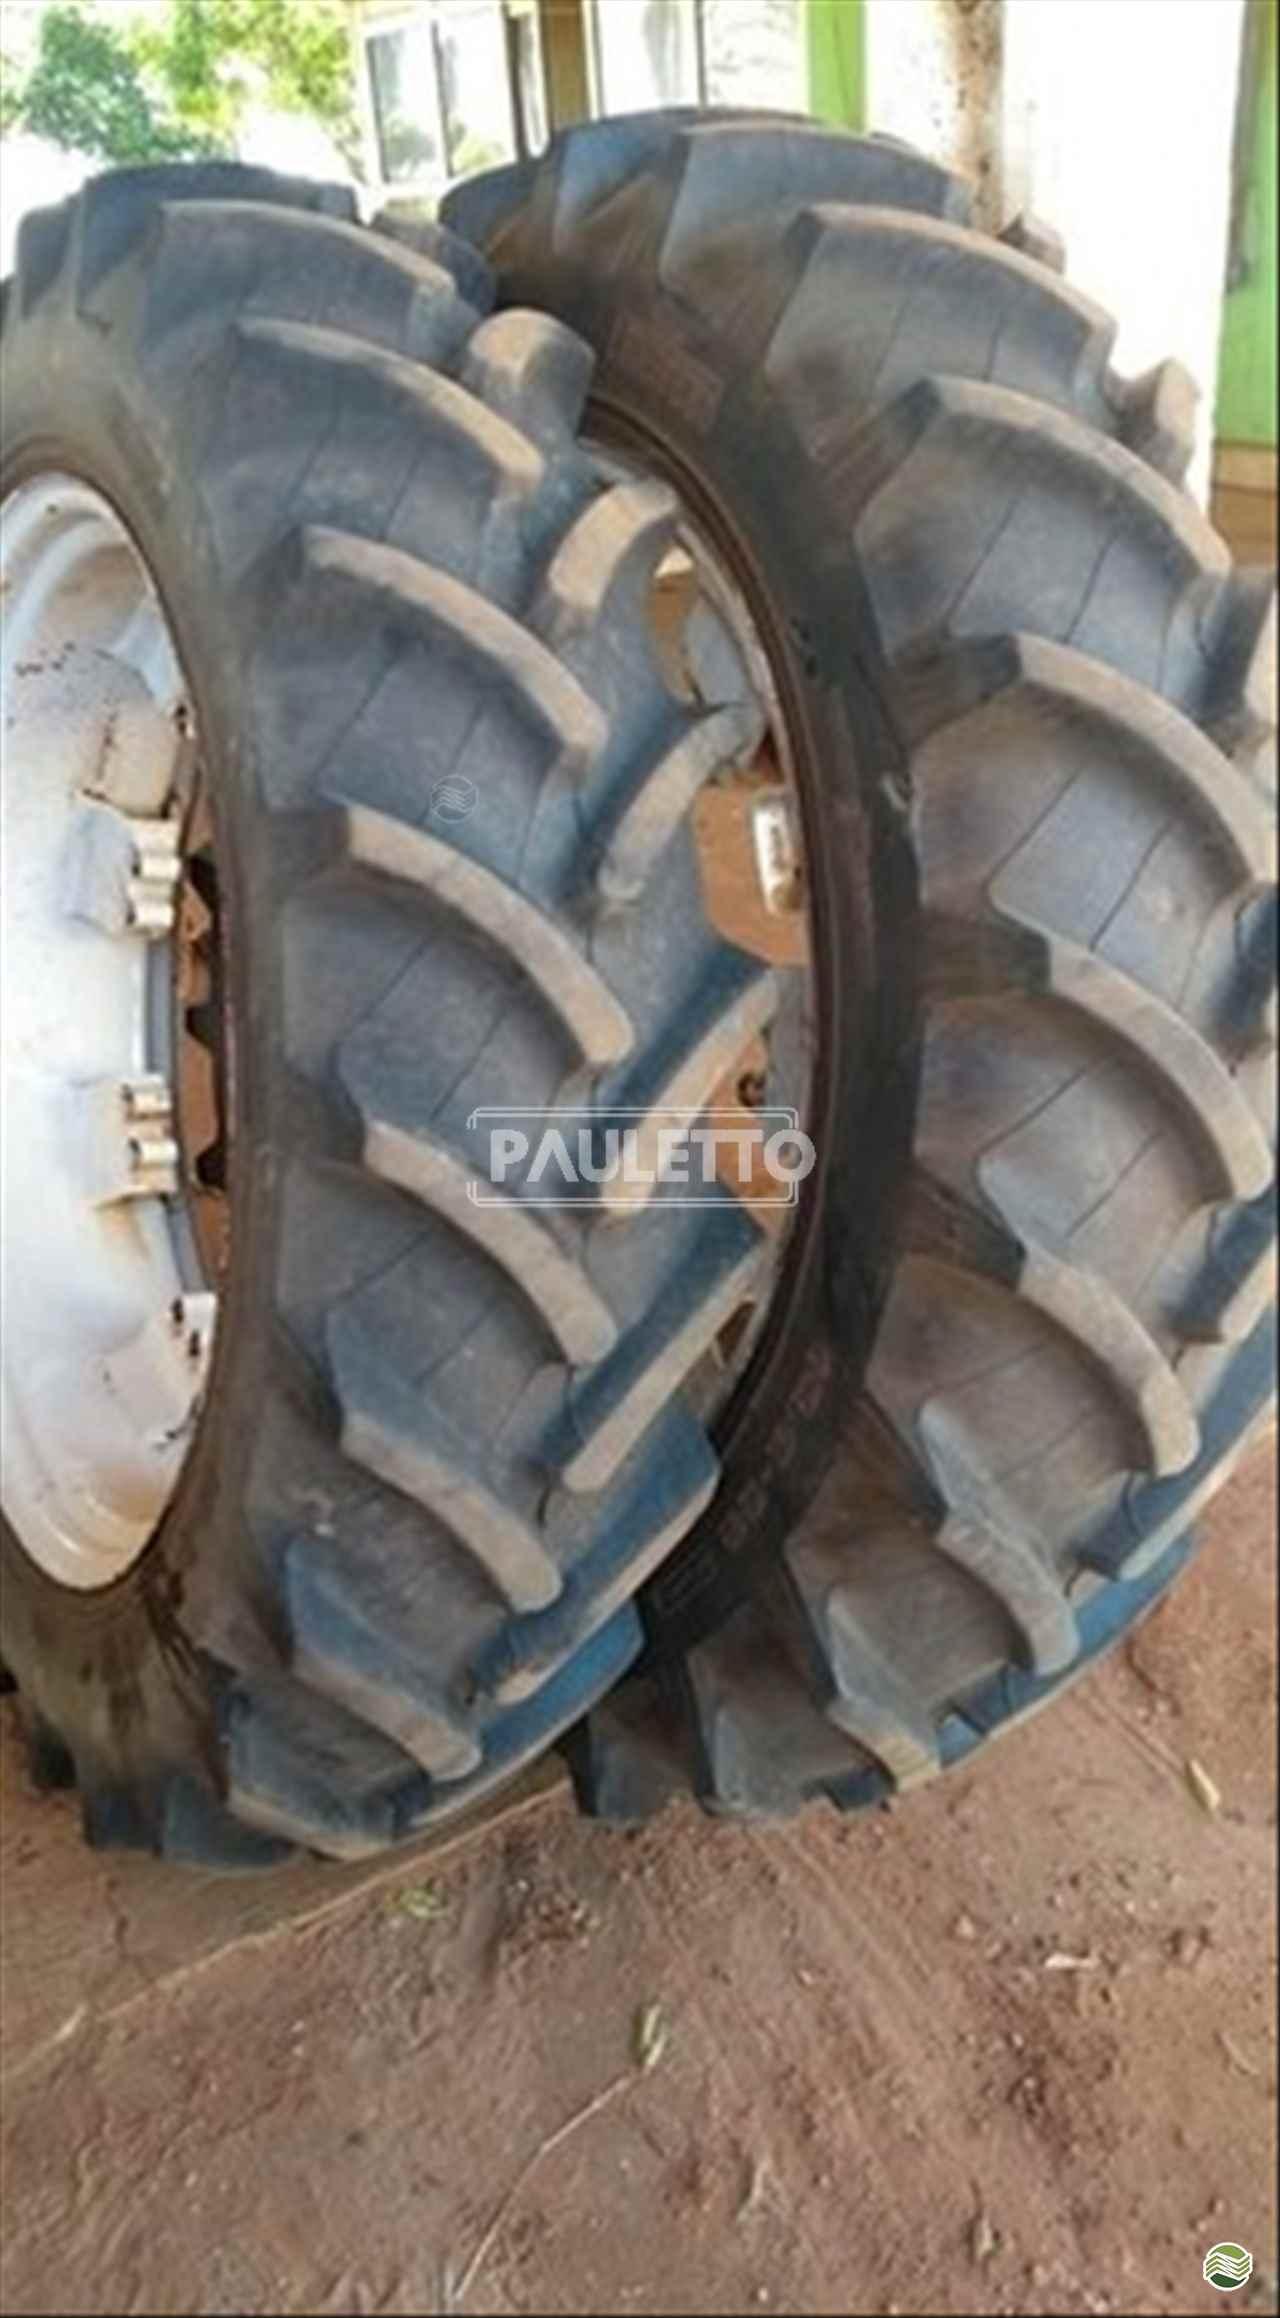 PNEUS AGRÍCOLAS de Metalúrgica Pauletto - CASCAVEL/PR